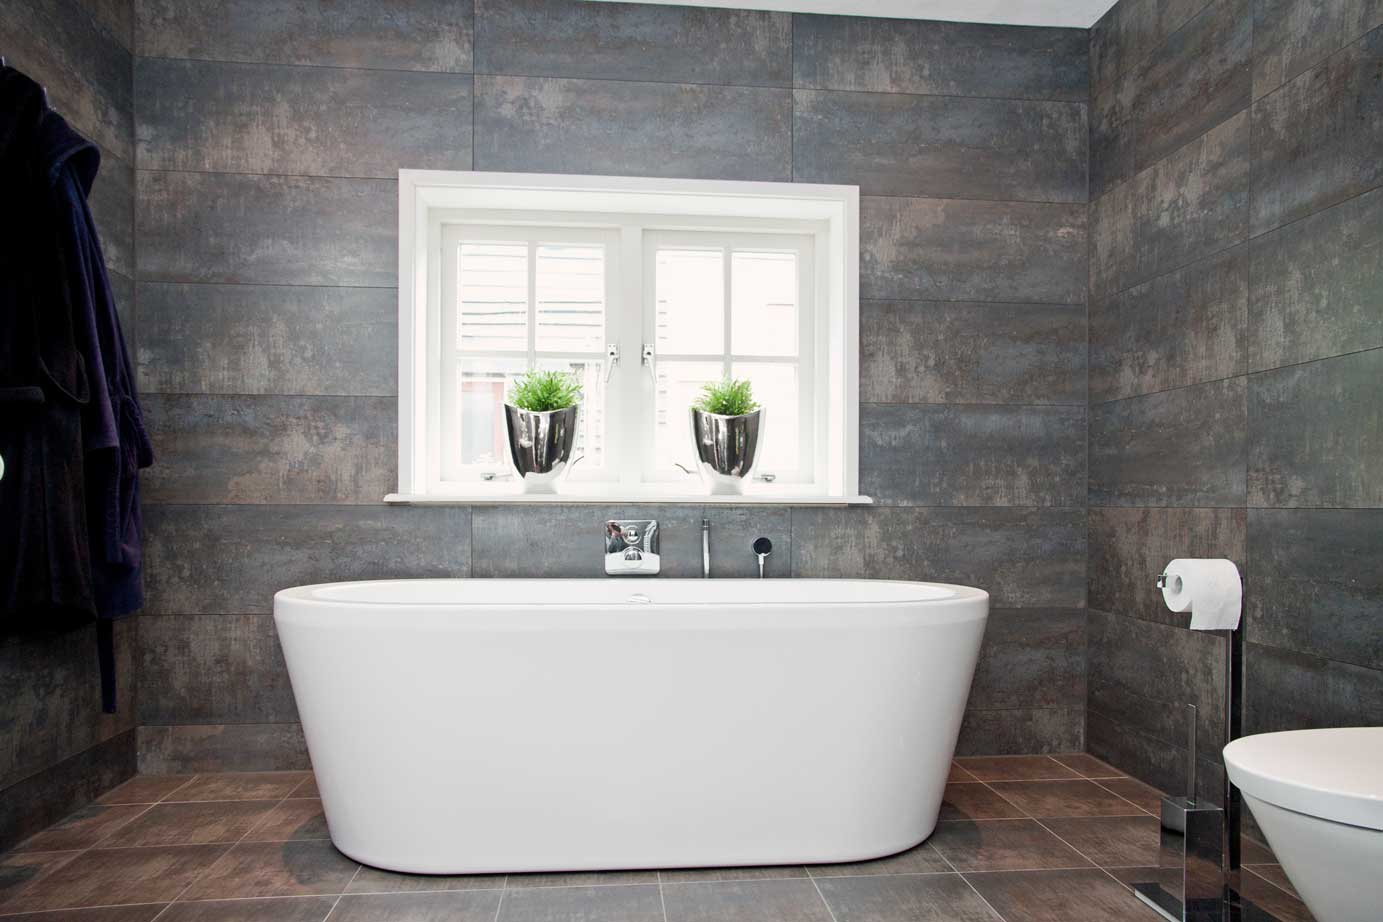 Goedkope Wandtegels Badkamer : Tegels voor de keuken en badkamer eigen montage db keukens